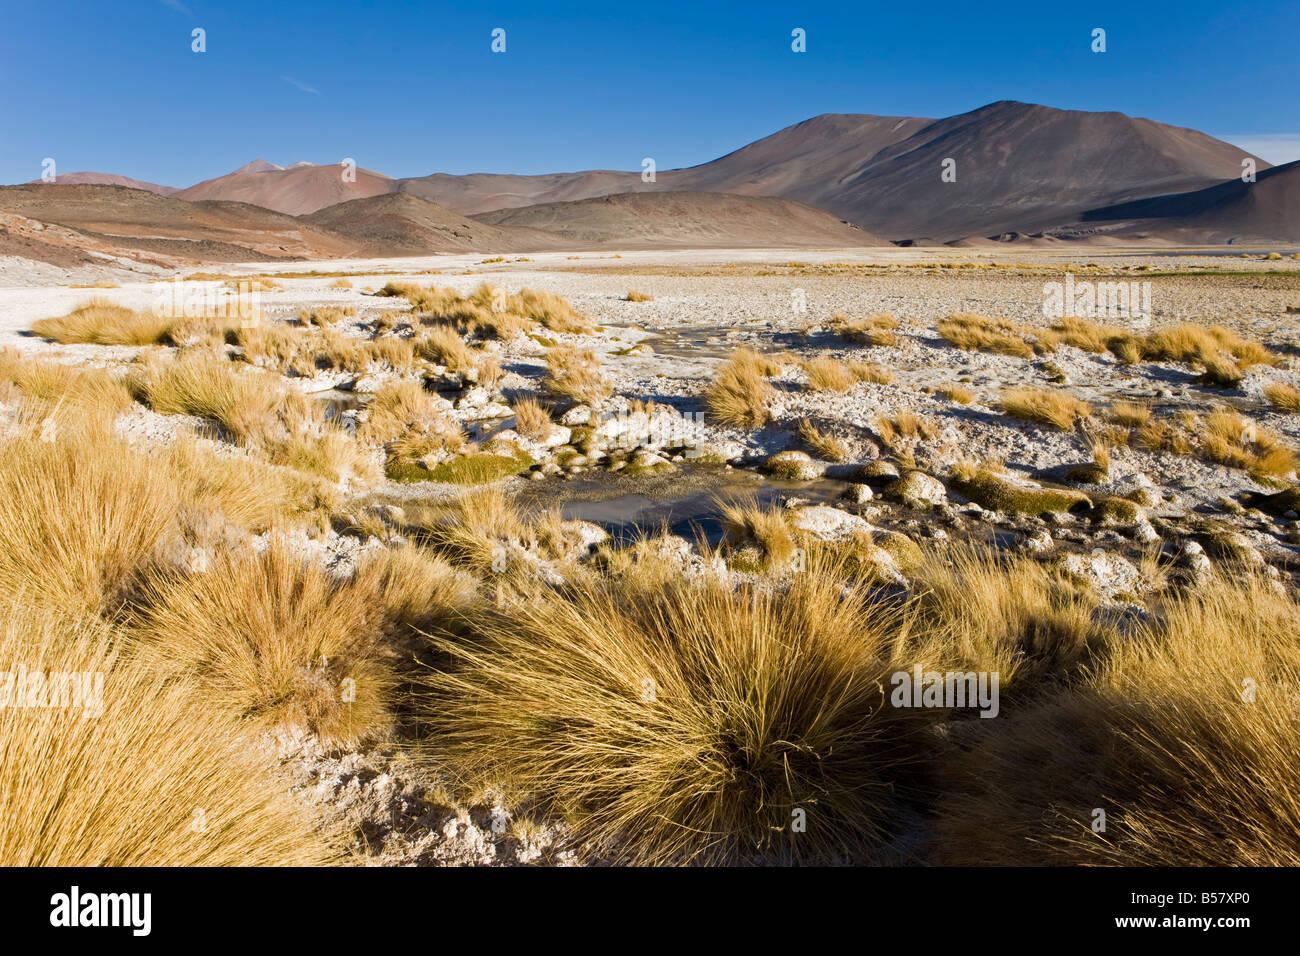 Altiplano, réserve nationale Los Flamencos, Désert d'Atacama, région d'Antofagasta, Chili Photo Stock